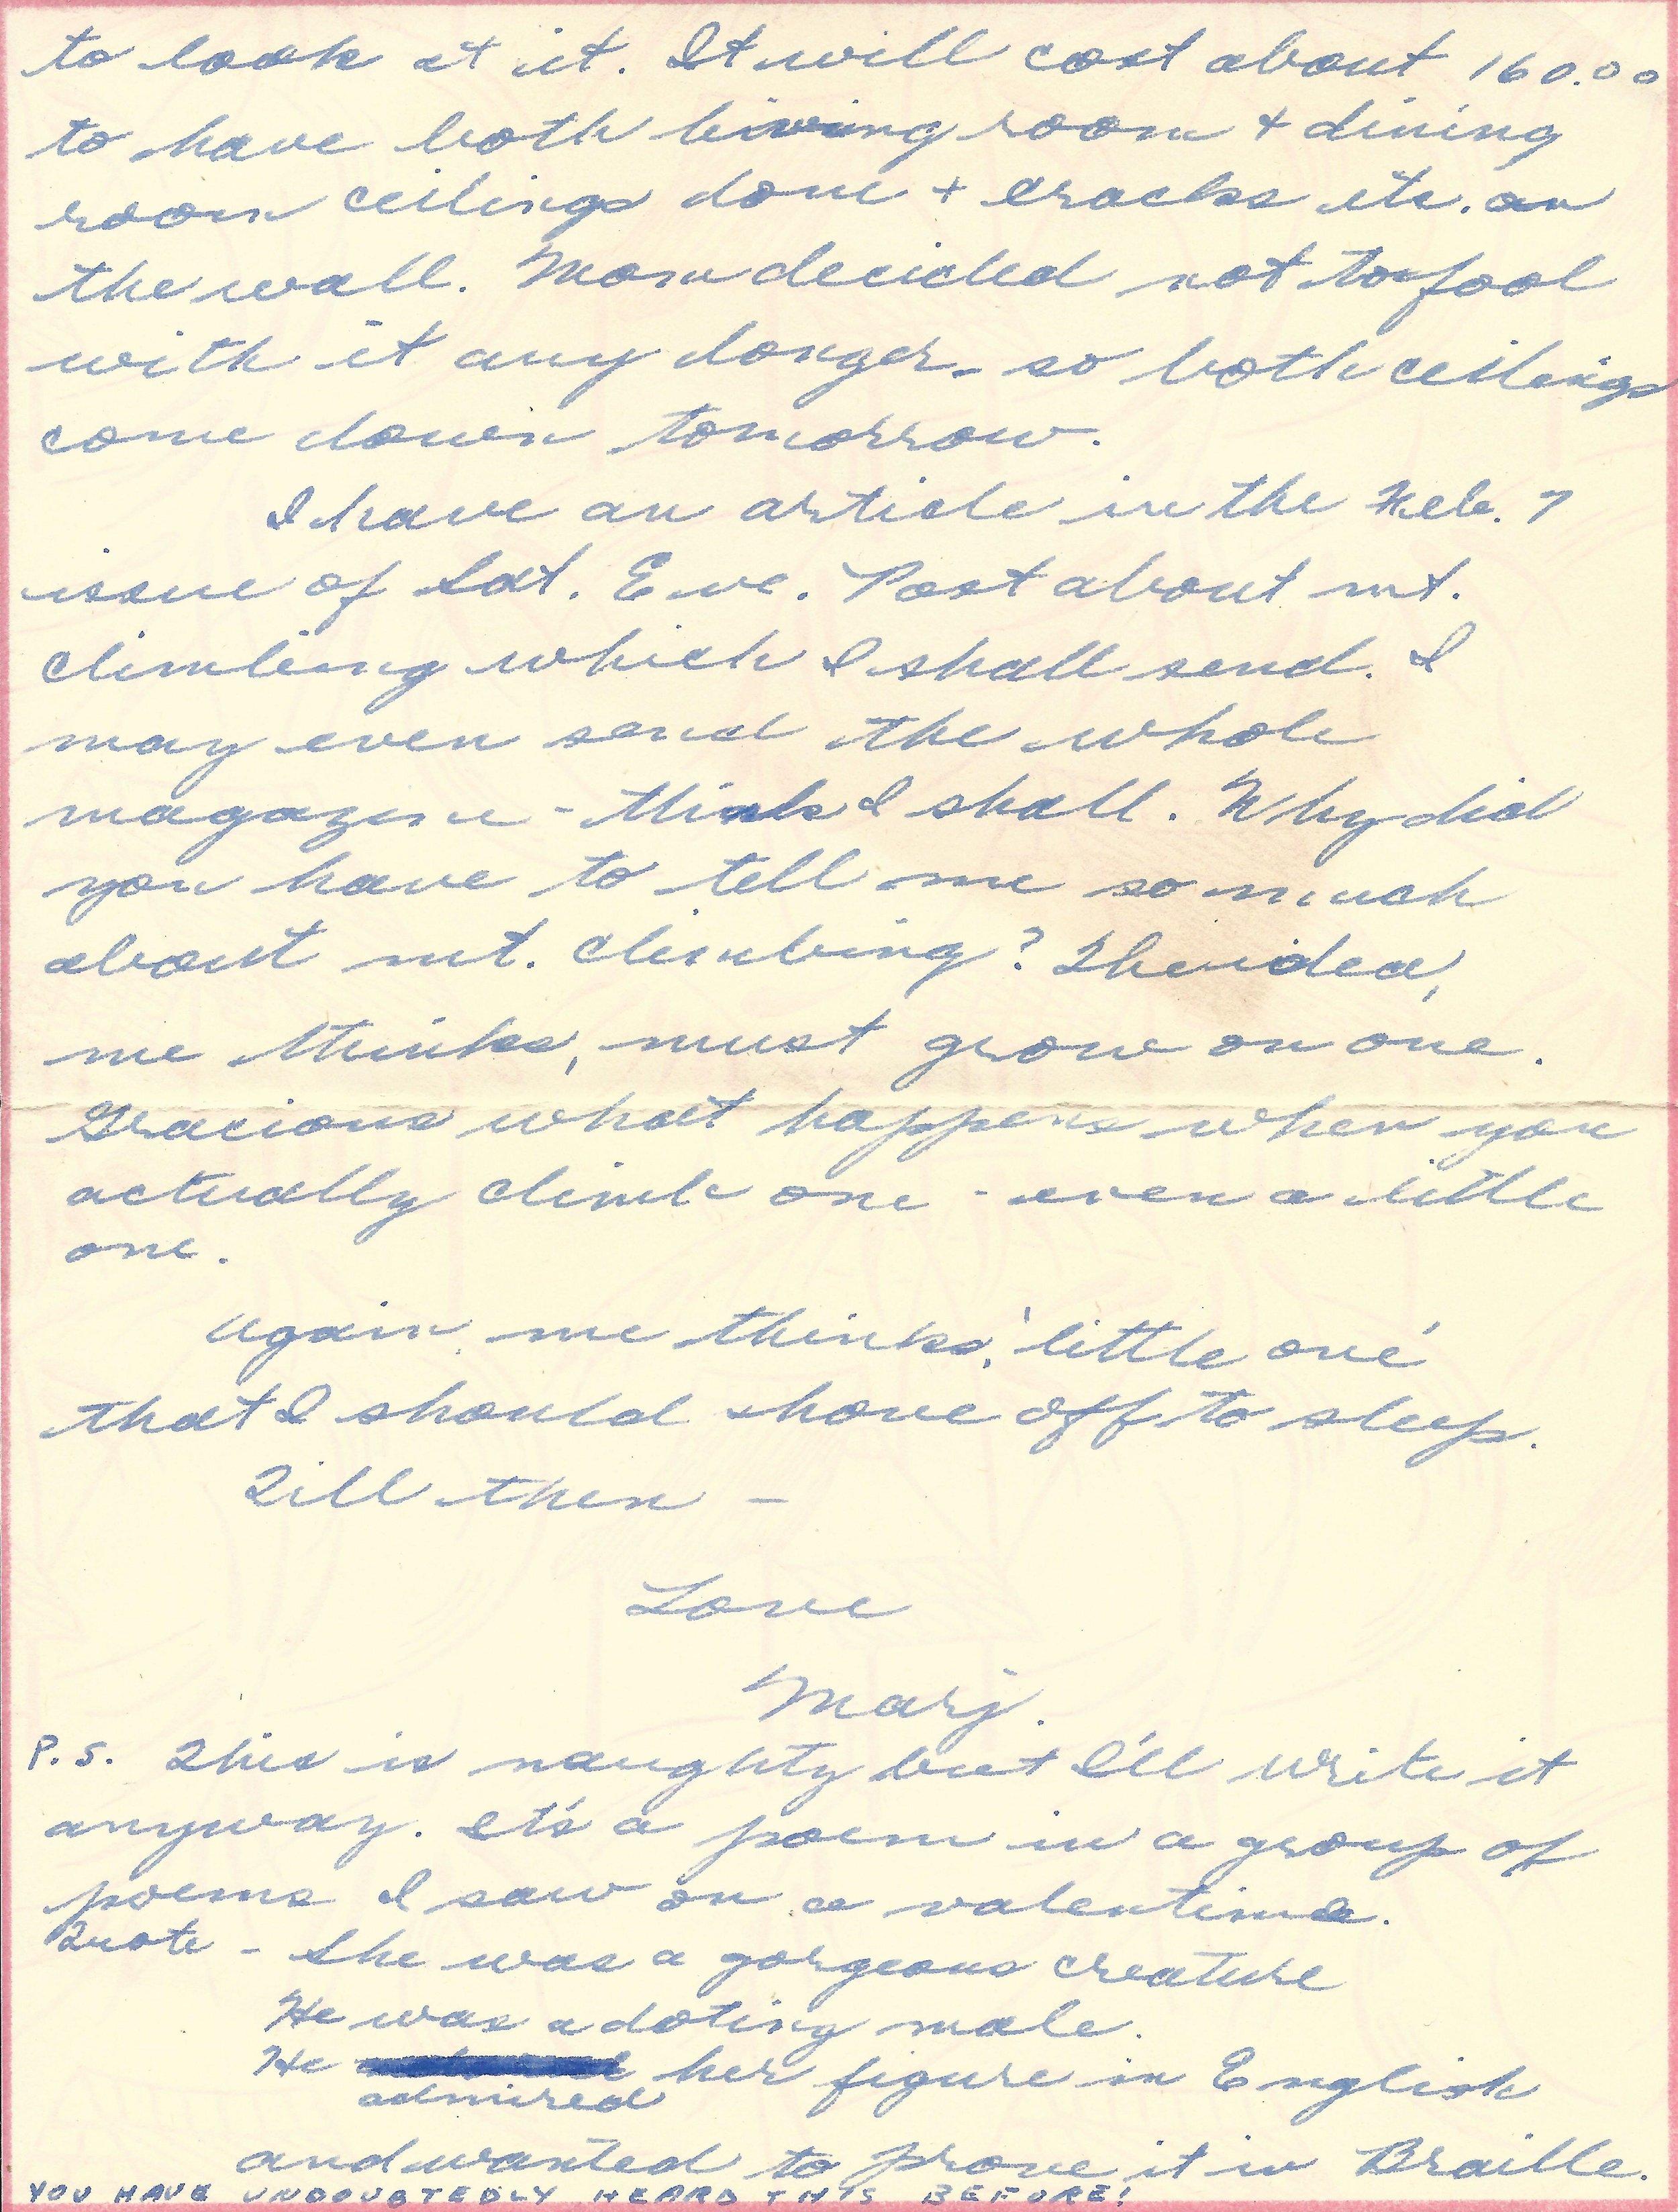 8. Feb. 10, 1953 (Oma)_Page_4.jpg